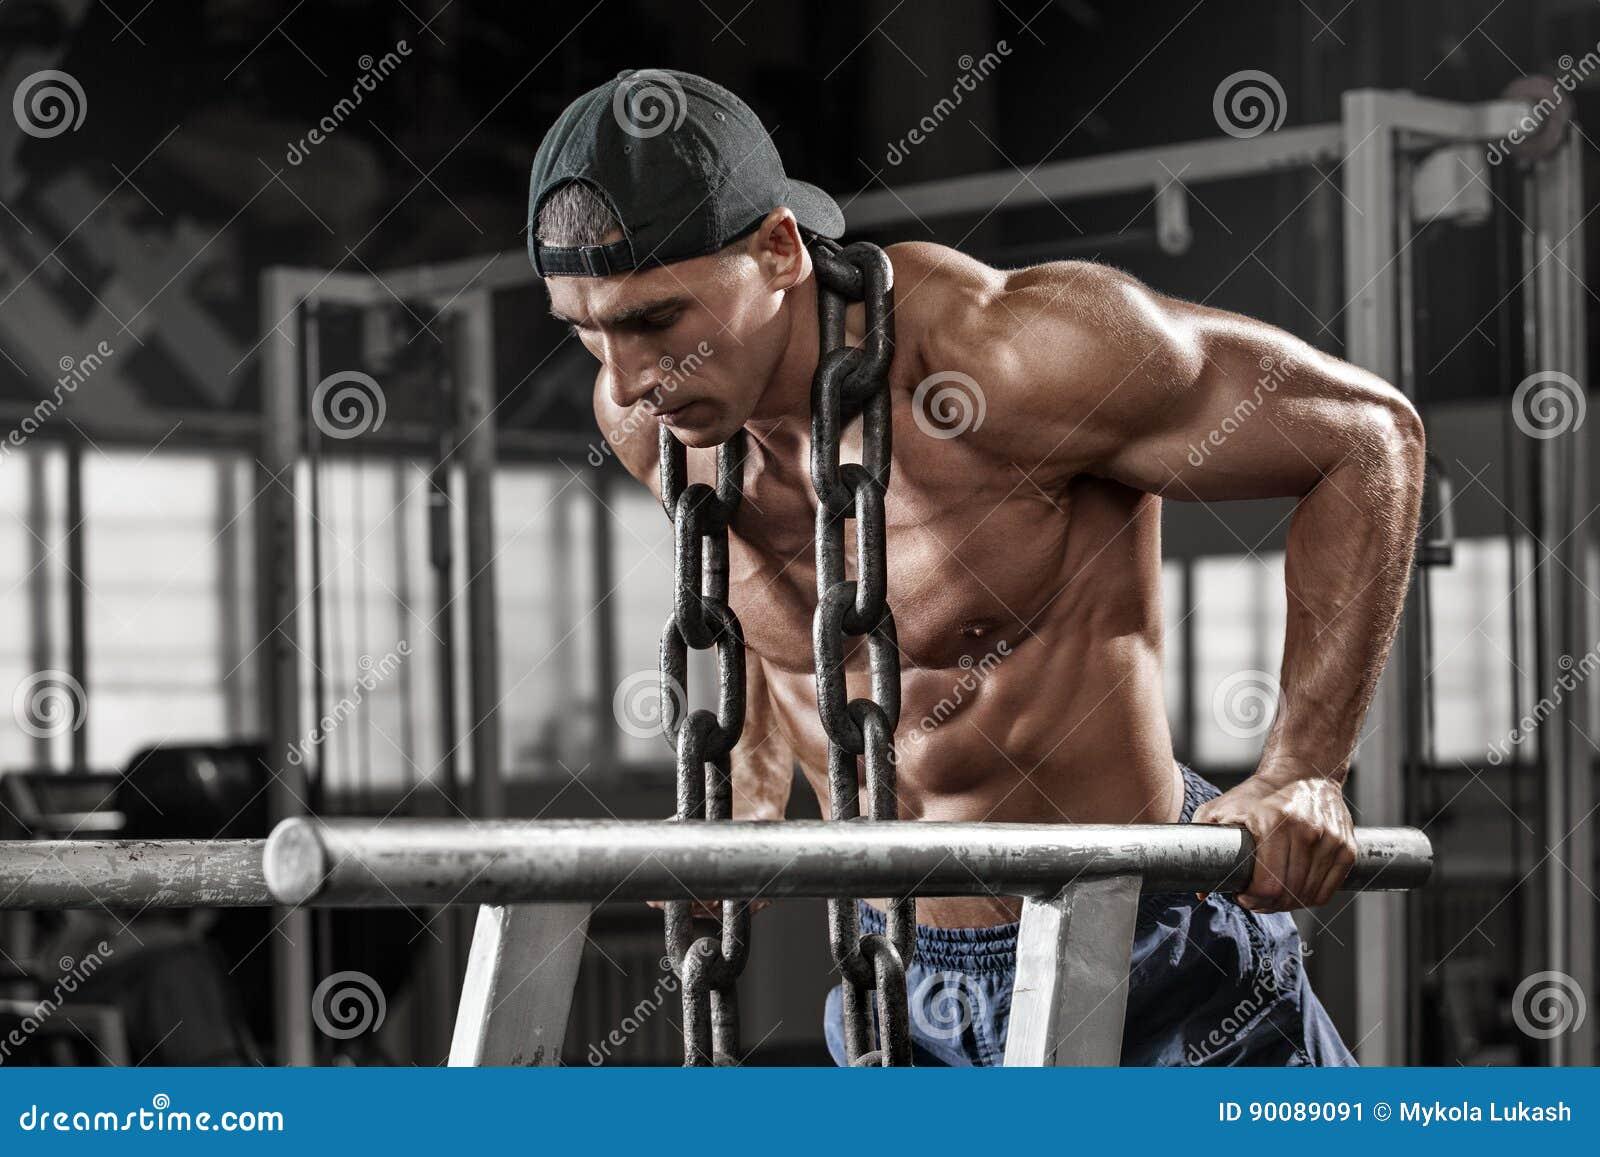 Hombre muscular que se resuelve en el gimnasio que hace ejercicios en barrases paralelas con la cadena, ABS desnudo masculino fue